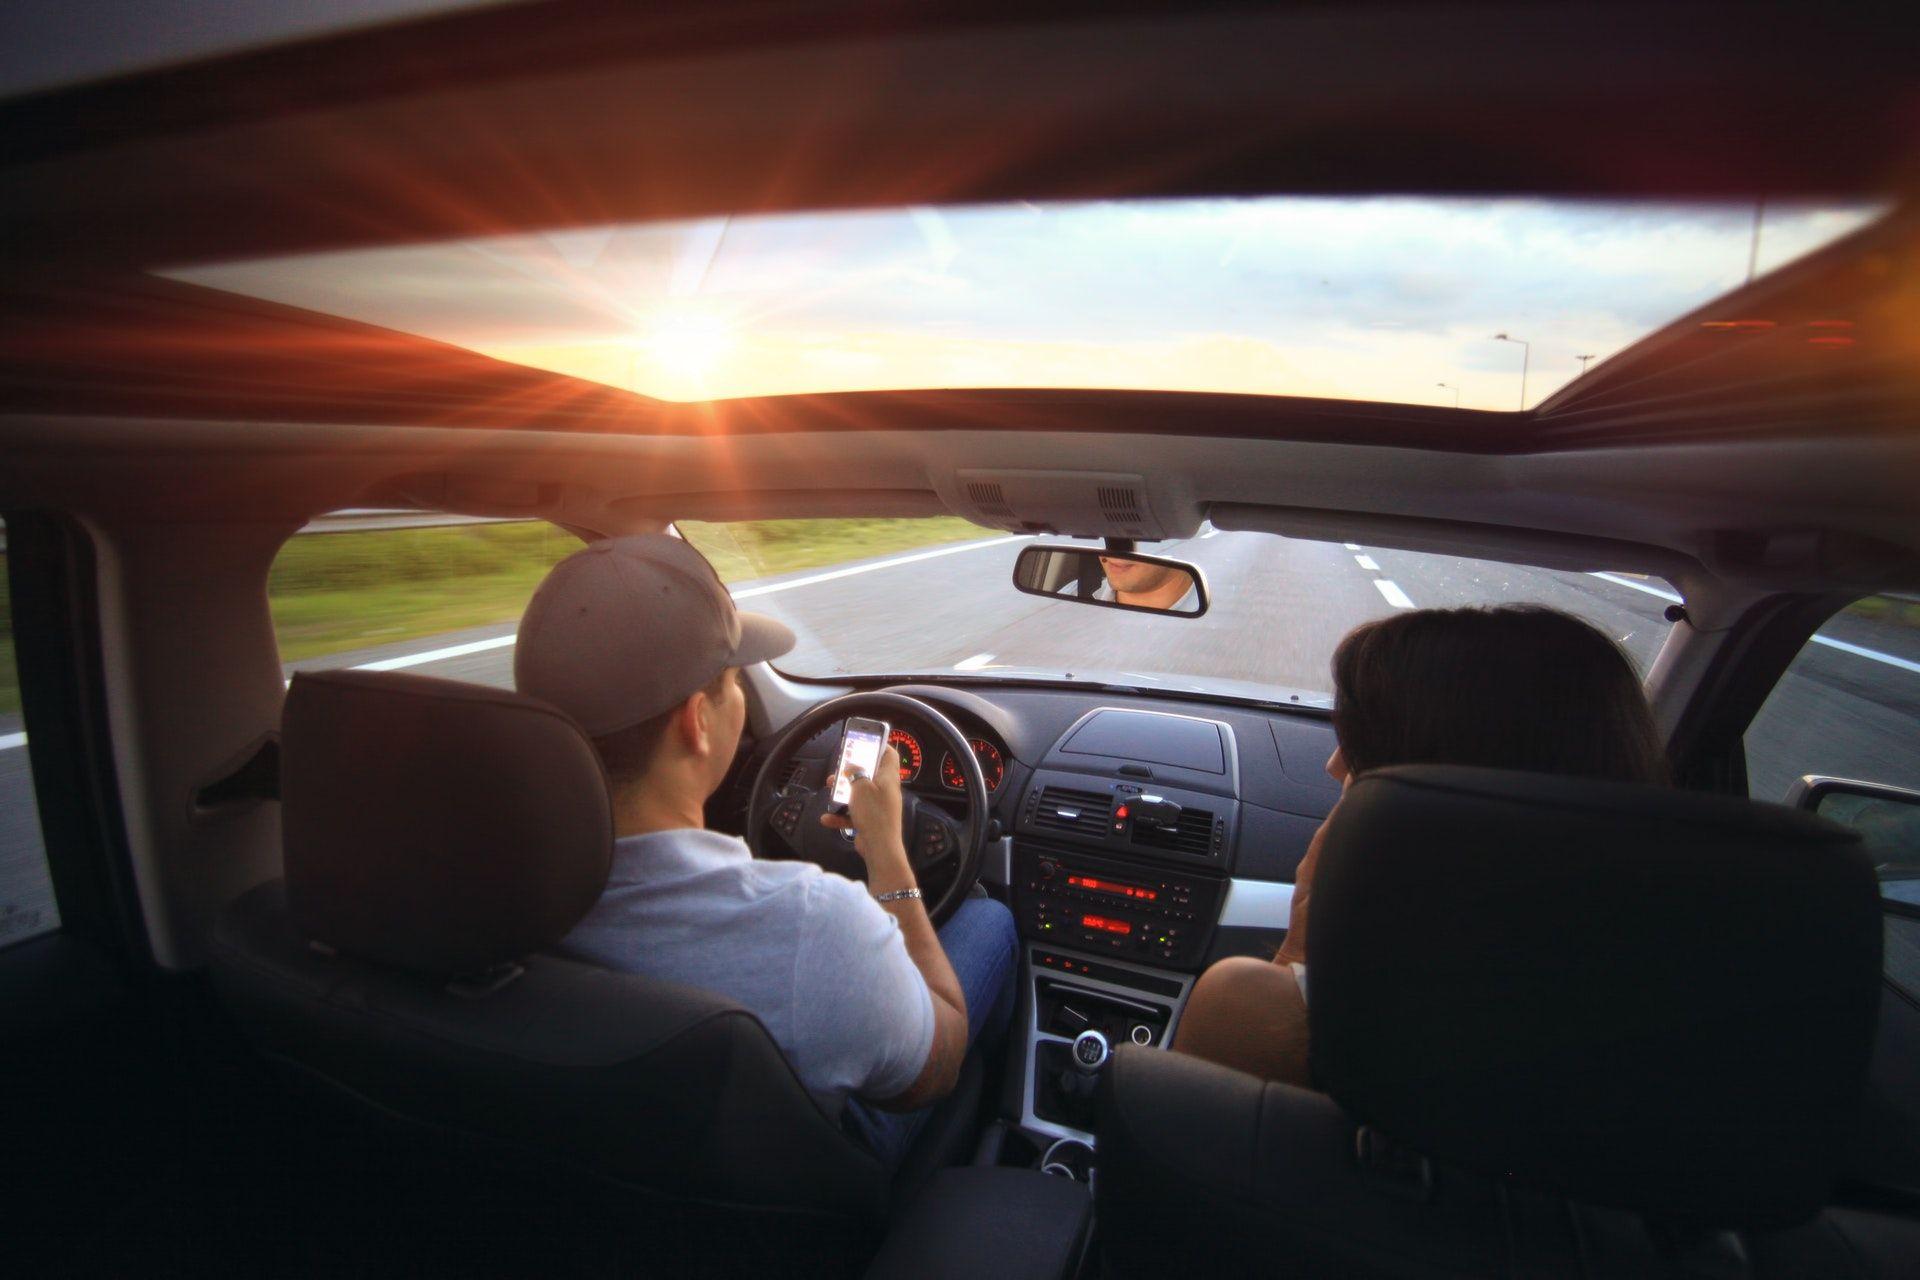 عکس زمینه تابش نور در نمای داخلی خودرو پس زمینه